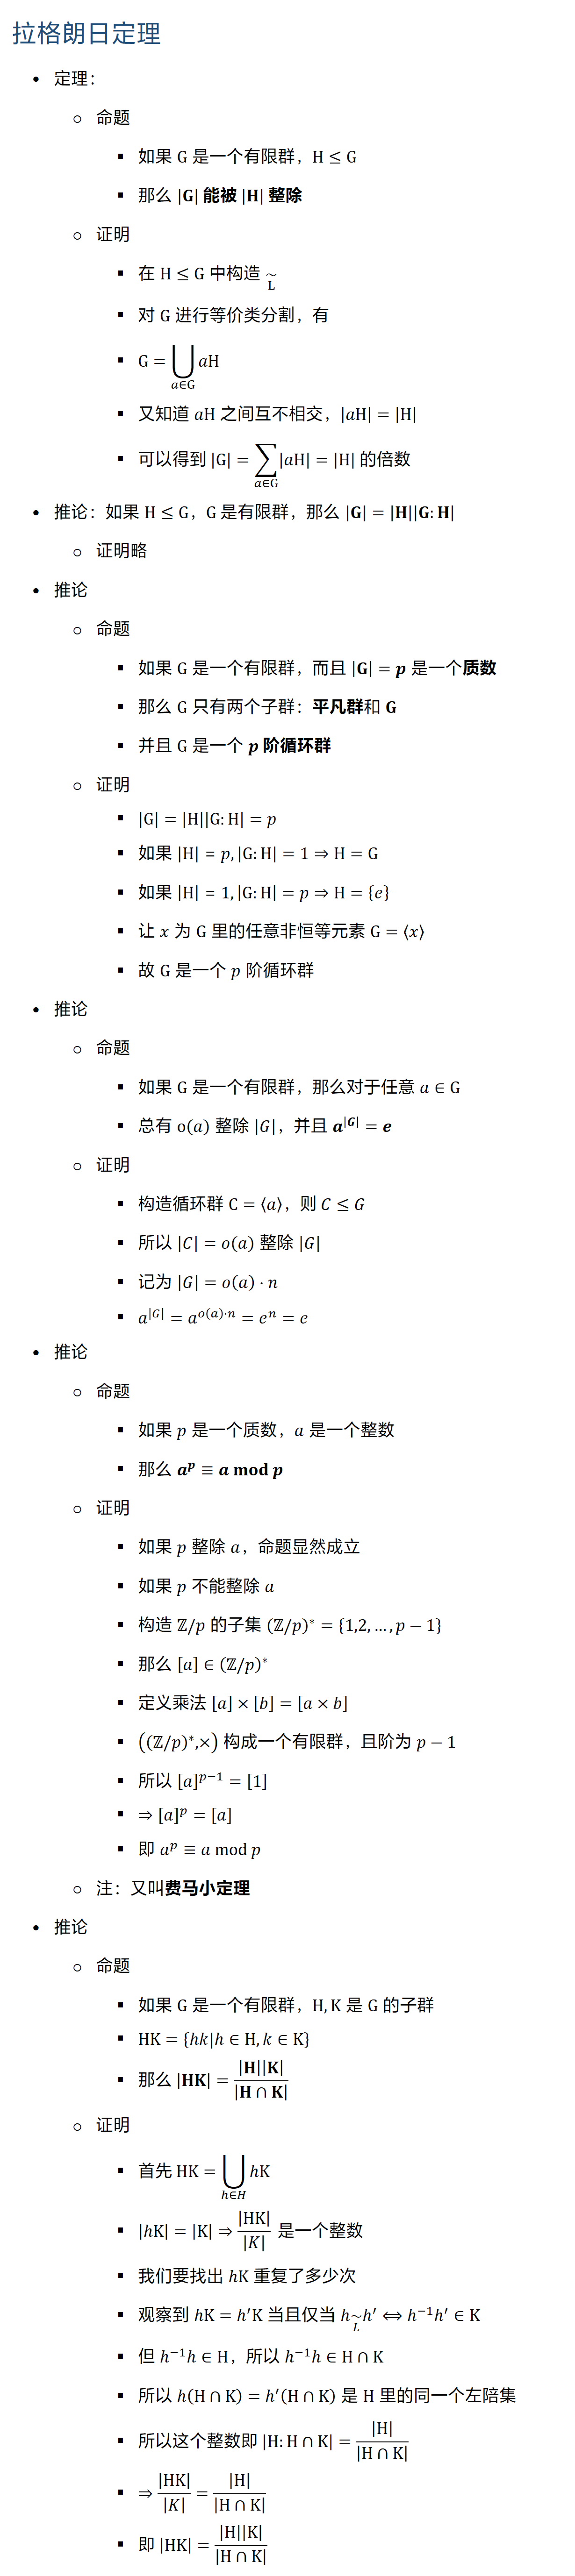 拉格朗日定理 • 定理: ○ 命题 § 如果 G 是一个有限群,H≤G § 那么 |G| 能被 |H| 整除 ○ 证明 § 在 H≤G 中构造 ~┬L § 对 G 进行等价类分割,有 § G=⋃8_(a∈G)▒aH § 又知道 aH 之间互不相交,|aH|=|H| § 可以得到 |G|=∑_(a∈G)▒|aH| =|H| 的倍数 • 推论:如果 H≤G,G 是有限群,那么 |G|=|H||G:H| ○ 证明略 • 推论 ○ 命题 § 如果 G 是一个有限群,而且 |G|=p 是一个质数 § 那么 G 只有两个子群:平凡群和 G § 并且 G 是一个 p 阶循环群 ○ 证明 § |G|=|H||G:H|=p § 如果 |H|=p, |G:H|=1⇒H=G § 如果 |H|=1, |G:H|=p⇒H={e} § 让 x 为 G 里的任意非恒等元素 G=⟨x⟩ § 故 G 是一个 p 阶循环群 • 推论 ○ 命题 § 如果 G 是一个有限群,那么对于任意 a∈G § 总有 o(a) 整除 |G|,并且 a^|G| =e ○ 证明 § 构造循环群 C=⟨a⟩,则 C≤G § 所以 |C|=o(a) 整除 |G| § 记为 |G|=o(a)⋅n § a^|G| =a^(o(a)⋅n)=e^n=e • 推论 ○ 命题 § 如果 p 是一个质数,a 是一个整数 § 那么 a^p≡a mod p ○ 证明 § 如果 p 整除 a,命题显然成立 § 如果 p 不能整除 a § 构造 Z/p 的子集 (Zp)^∗={1,2,…,p−1} § 那么 [a]∈(Zp)^∗ § 定义乘法 [a]×[b]=[a×b] § ((Zp)^∗,×) 构成一个有限群,且阶为 p−1 § 所以 [a]^(p−1)=[1] § ⇒[a]^p=[a] § 即 a^p≡a mod p ○ 注:又叫费马小定理 • 推论 ○ 命题 § 如果 G 是一个有限群,H,K 是 G 的子群 § HK={h�|hH,k∈K} § 那么 |HK|=|H||K|/|H∩K| ○ 证明 § 首先 HK=⋃8_(hH)▒h § |h|=|K|⇒|HK|/|K| 是一个整数 § 我们要找出 hK 重复了多少次 § 观察到 hK=h′ K 当且仅当 h ~┬L h′⟺h(−1) h′∈K § 但 h(−1) h∈H,所以 h(−1) h∈H∩K § 所以 h(H∩K)=h′ (H∩K) 是 H 里的同一个左陪集 § 所以这个整数即 |H:H∩K|=|H|/|H∩K| § ⇒|HK|/|K| =|H|/|H∩K| § 即 |HK|=|H||K|/|H∩K|